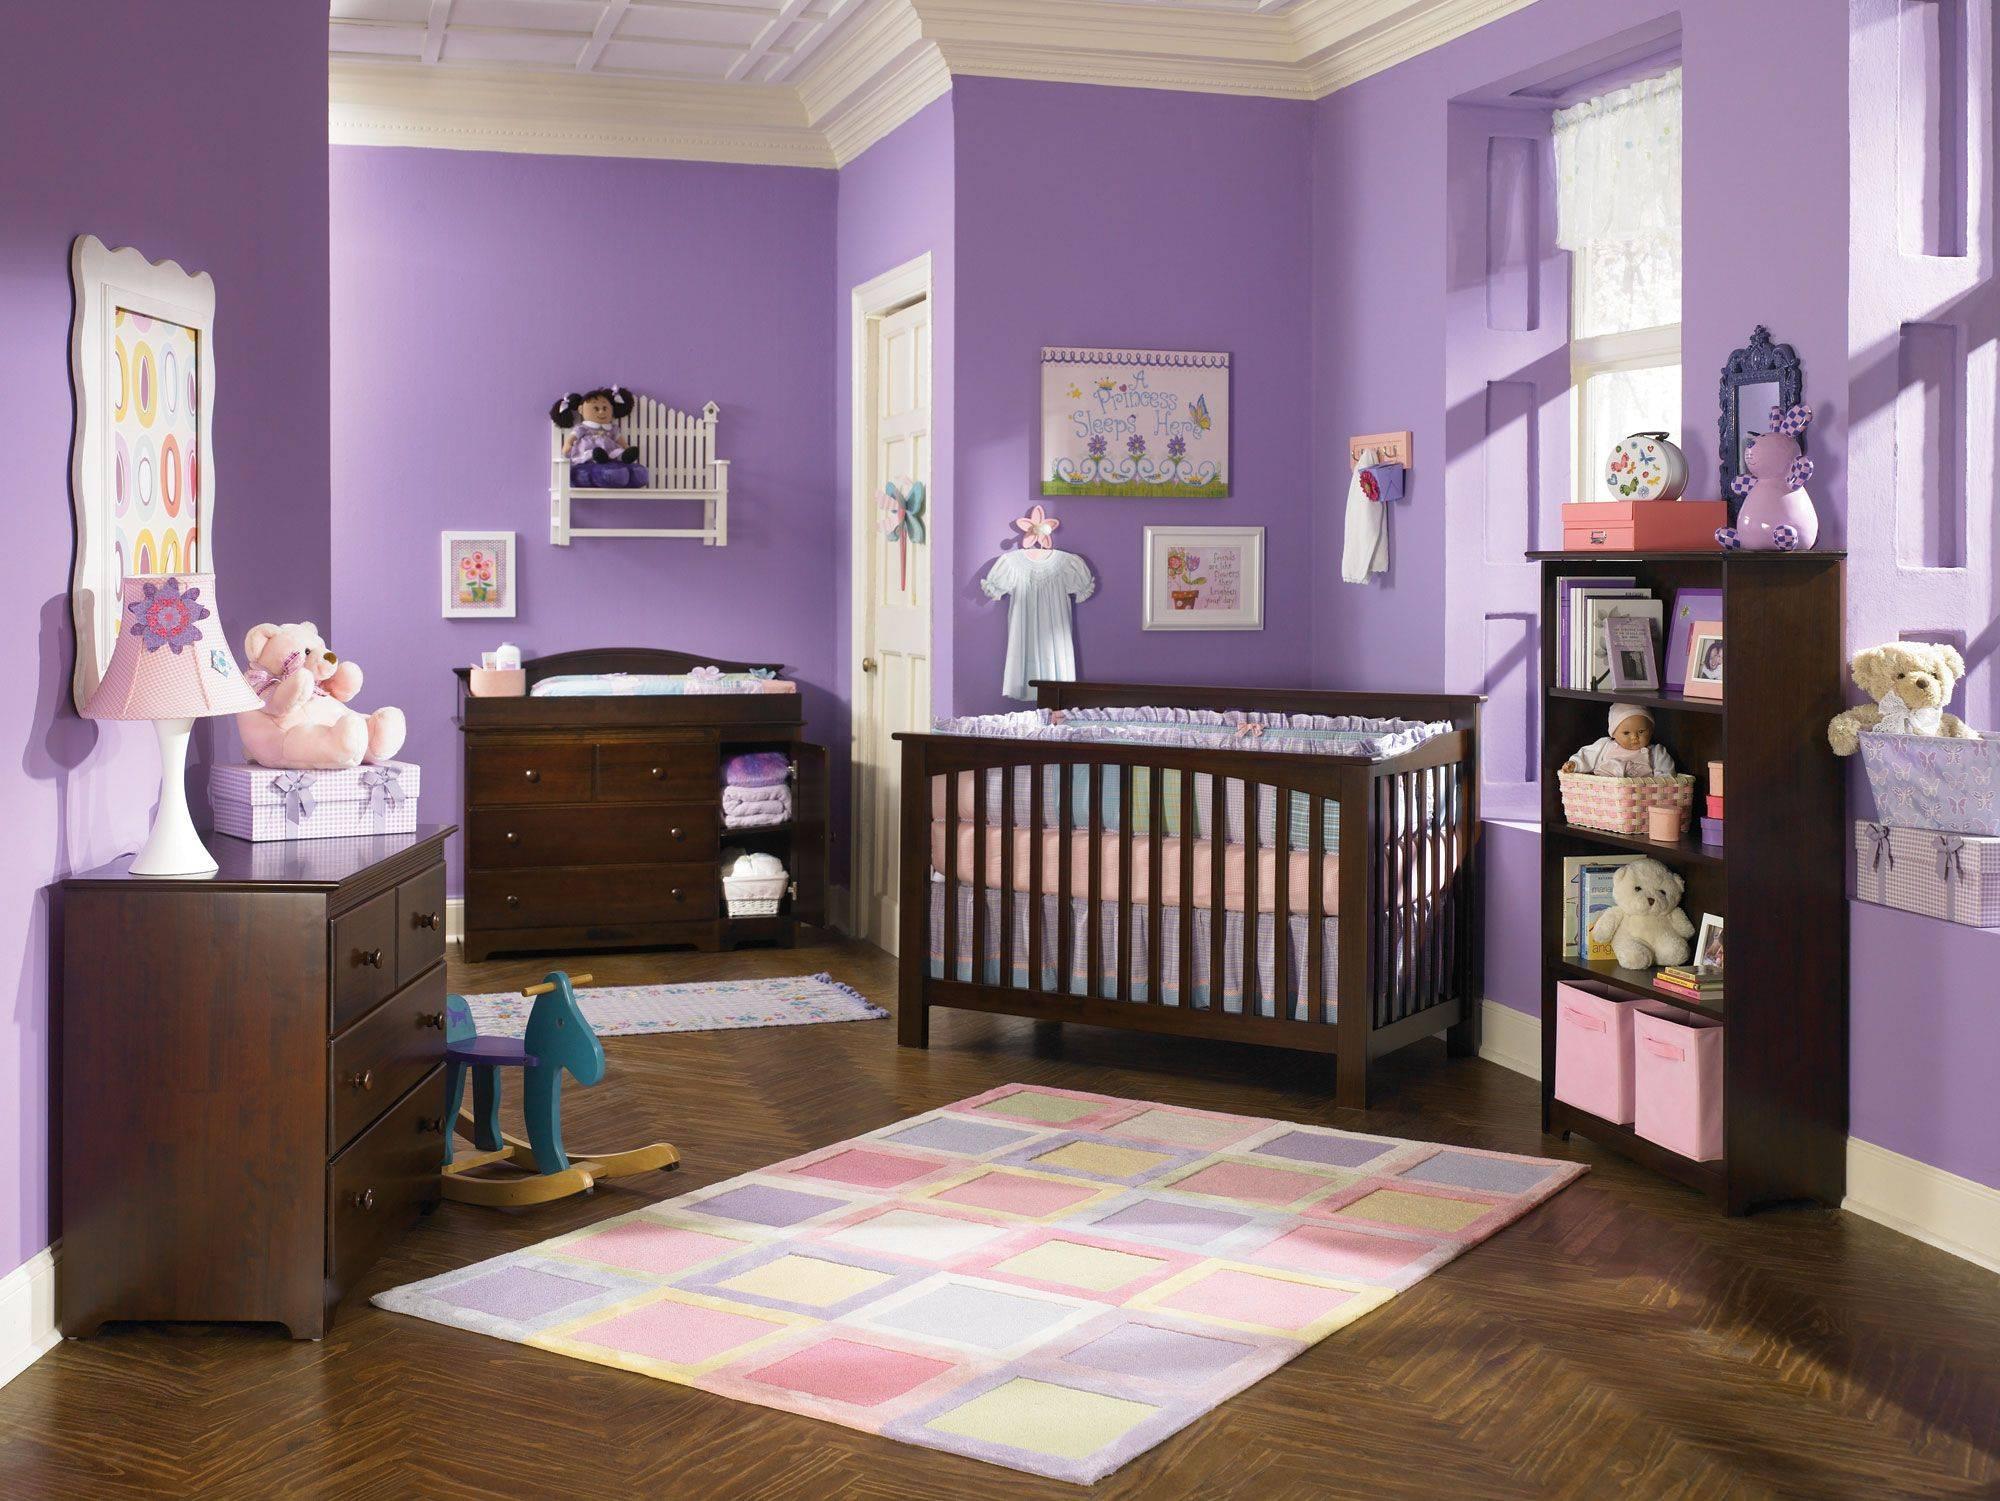 Phòng cho em bé với sắc tím oải hương và nôi cũi màu nâu